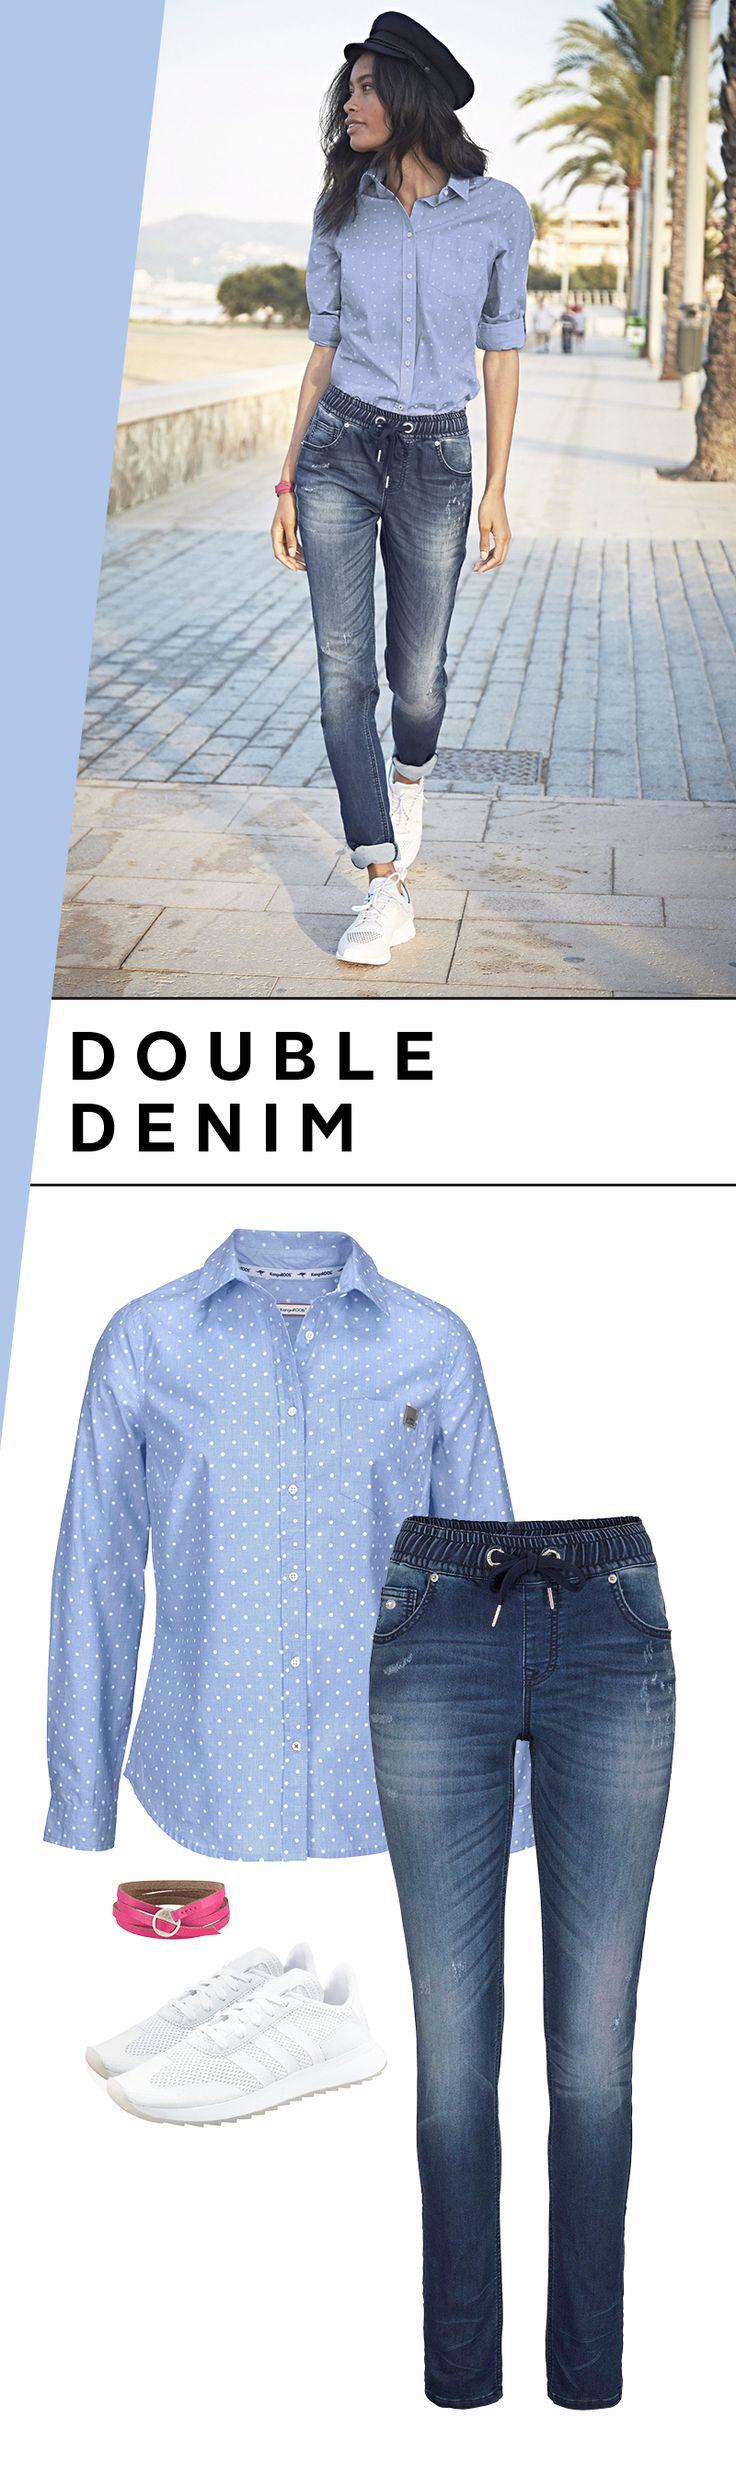 Mit Double-Denim in den Frühling! Der angesagte Jeans-Jeans-Look ist wie für die ersten warmen Sonnenscheintage gemacht: Zur bequemen Jogg-Pants trägst du die Hemdbluse im Allover-Pünktchen-Muster. Ein echter Frühlingskracher von KangaROOS!